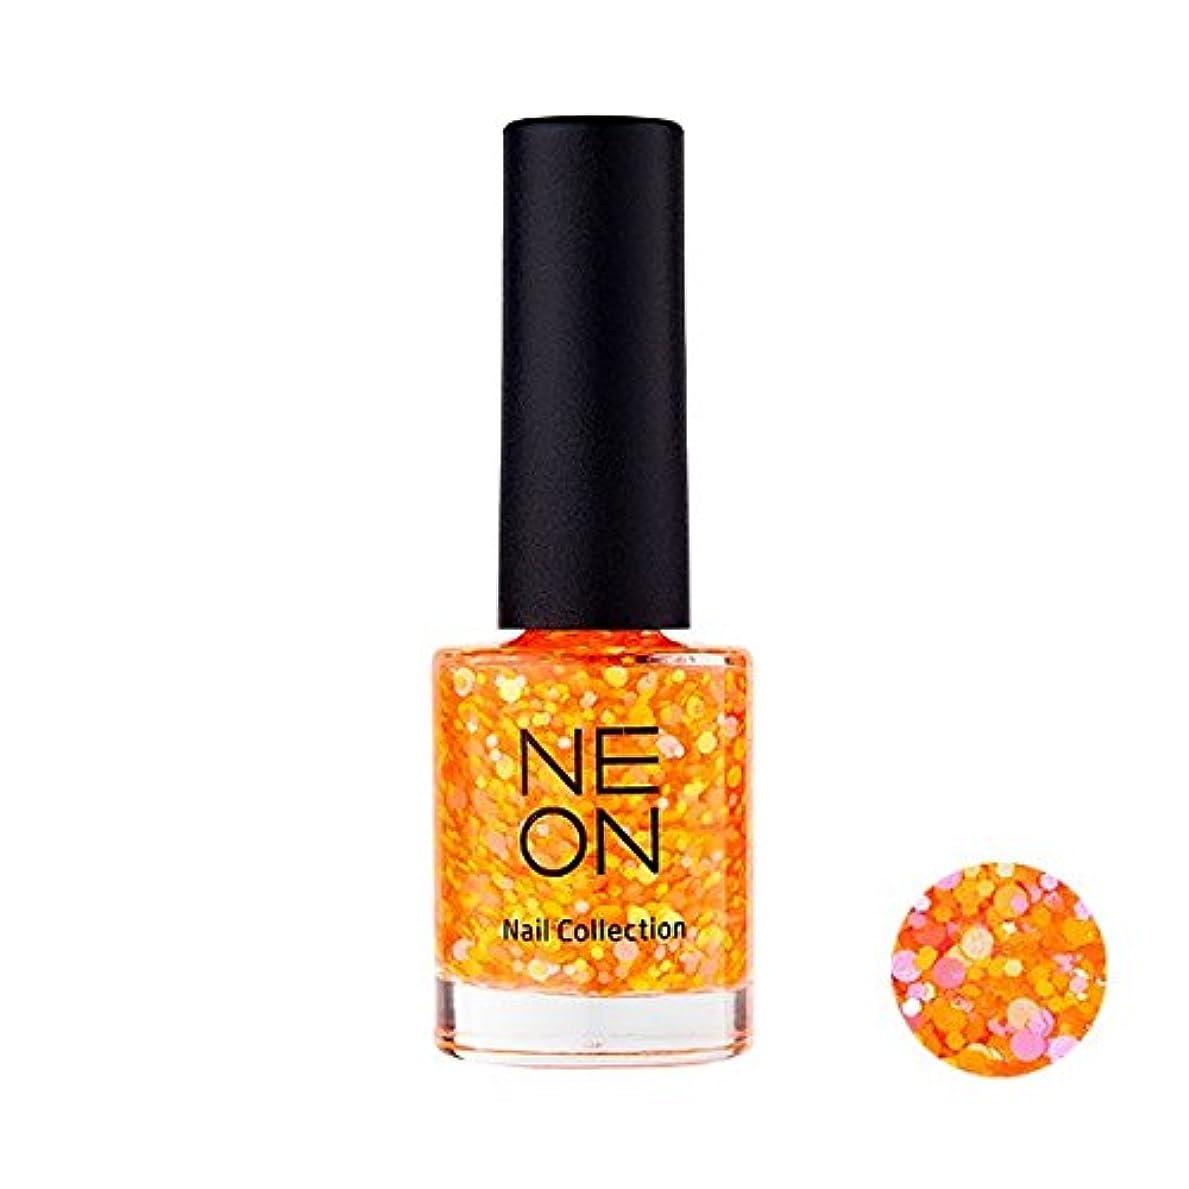 エール葡萄超えてIt'S SKIN Neon nail collection [03 Neon Glitter Orange] イッツスキン ネオンネイルコレクション [03 ネオン グリッター オレンジ] [並行輸入品]